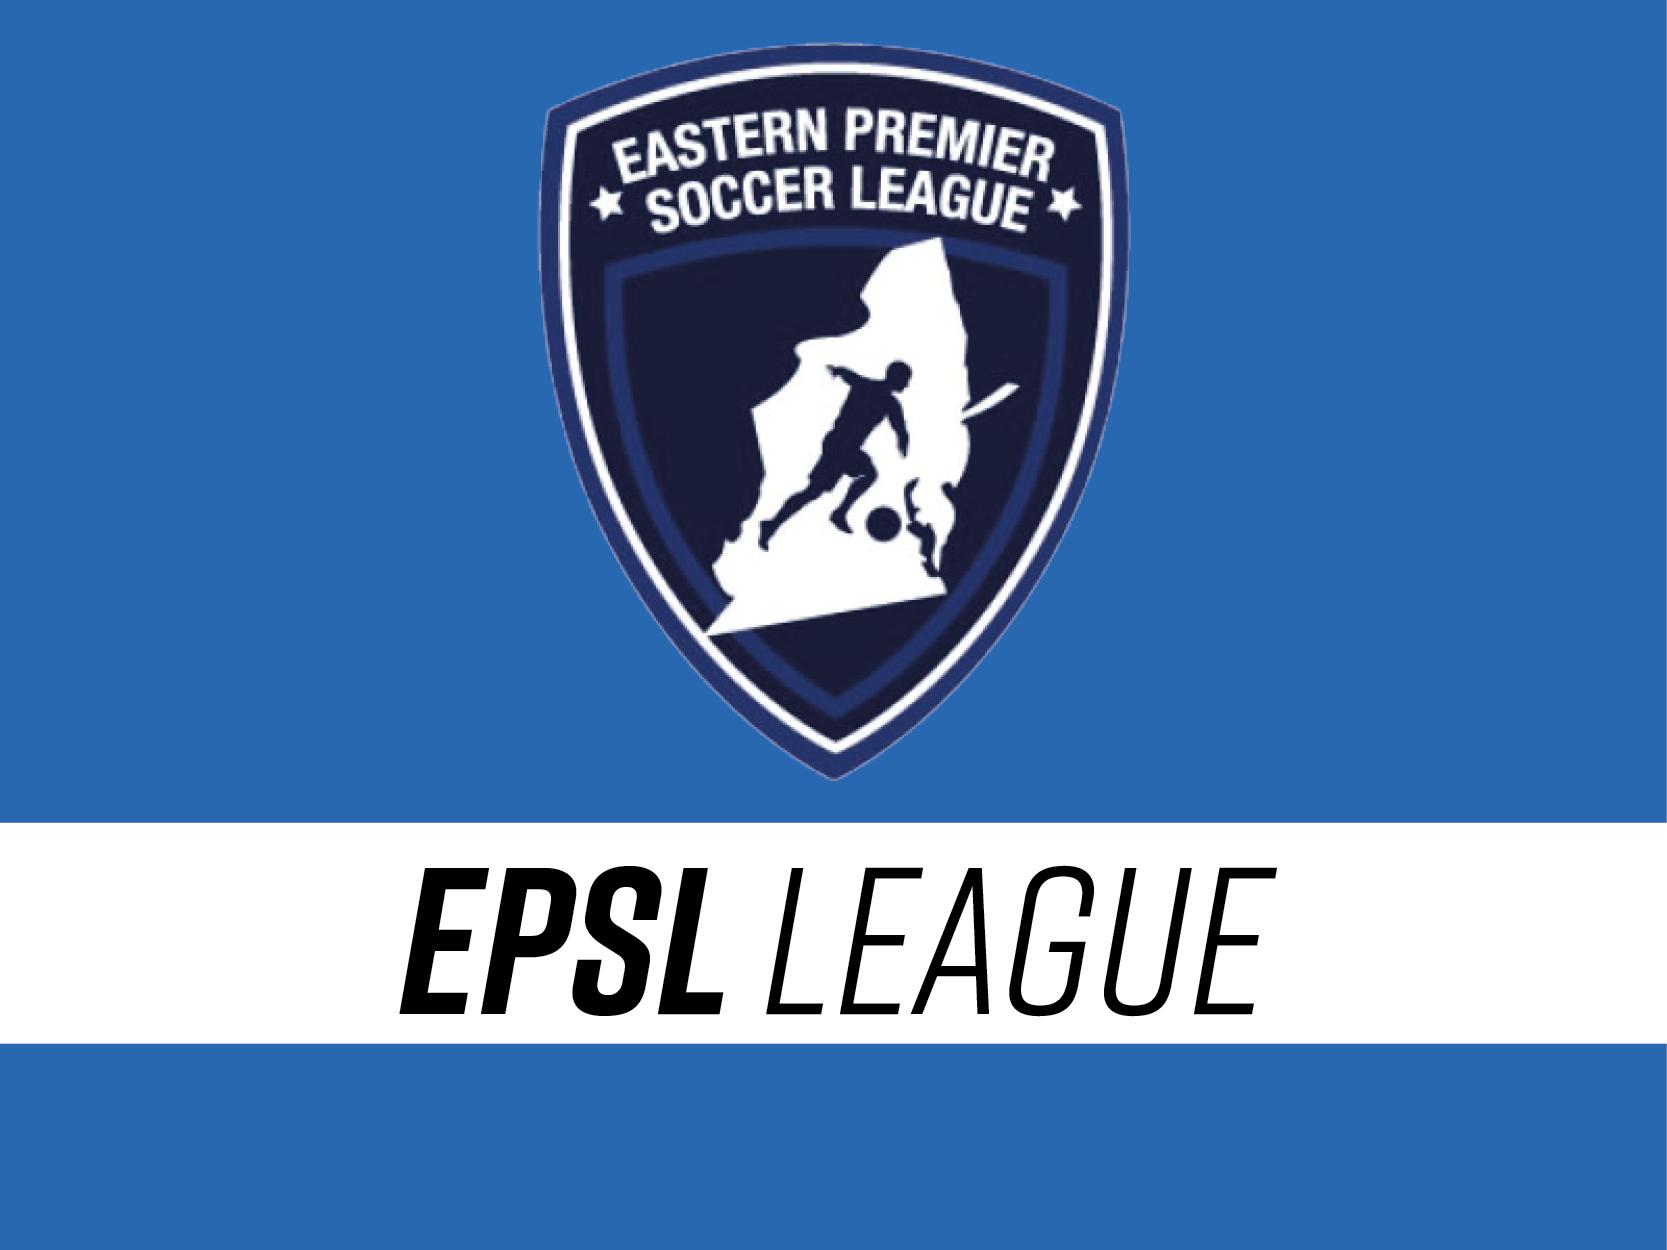 League_EPSL